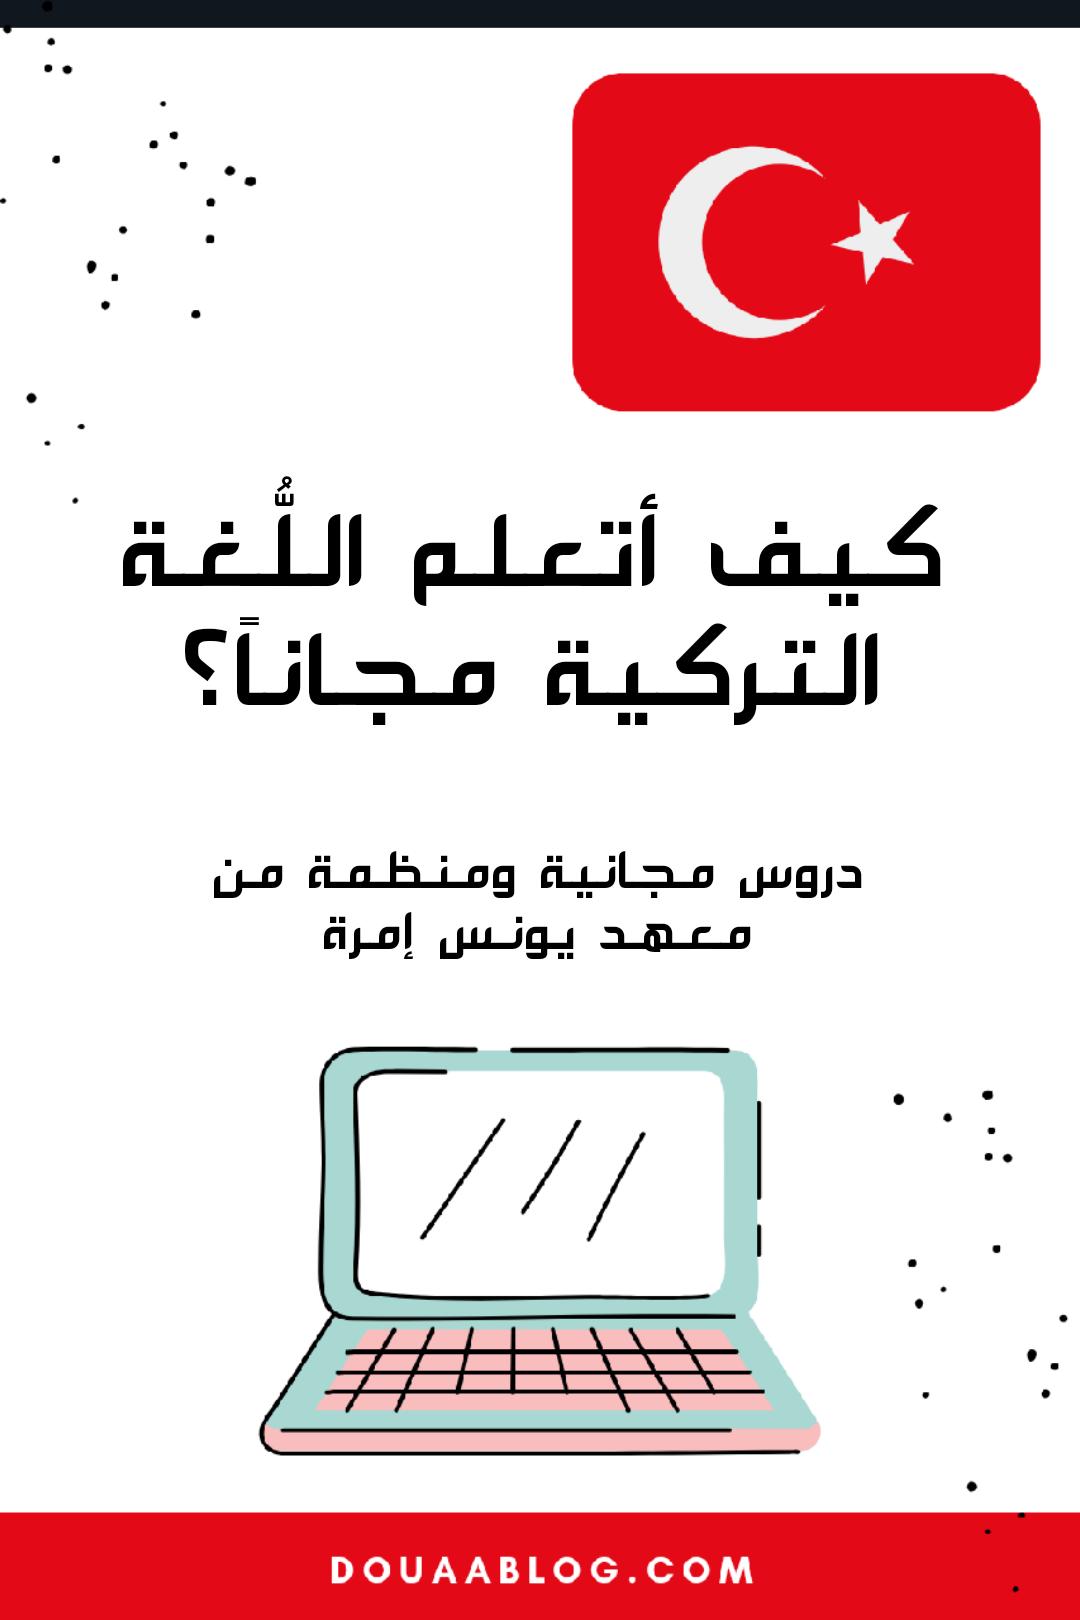 تعلم اللغة التركية Gaming Logos Logos